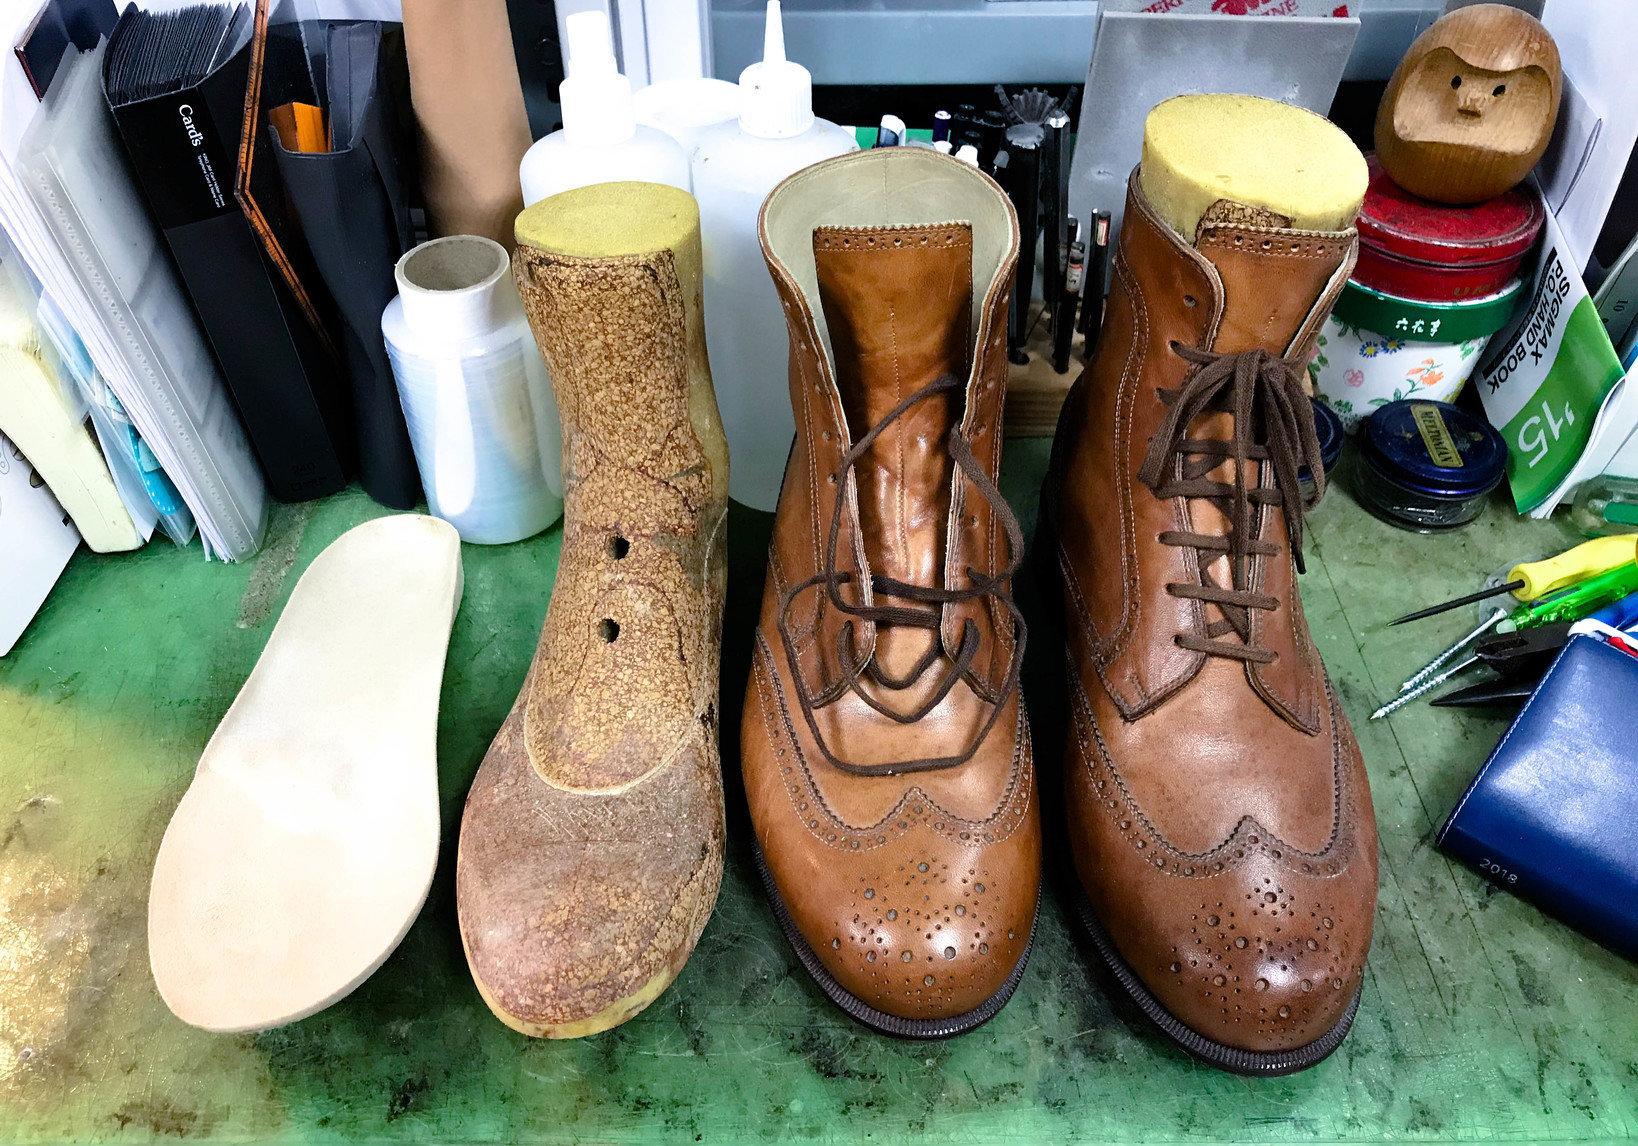 整形靴のサンプル。整形靴とは一般的に各個人の足の形状や症状に合わせて作られた靴だとイメージしていだければ分かりやすいでしょうか。 国や制度により細かい定義は変わりますが、足の型を採り木型から作るもの、既成の木型を修正して作るもの、既成のコンフォートシューズを加工するものなどがあります。「足底板(そくていばん)」(靴の中敷)も足の変形の予防や矯正などに重要な役割を果たす装具です。